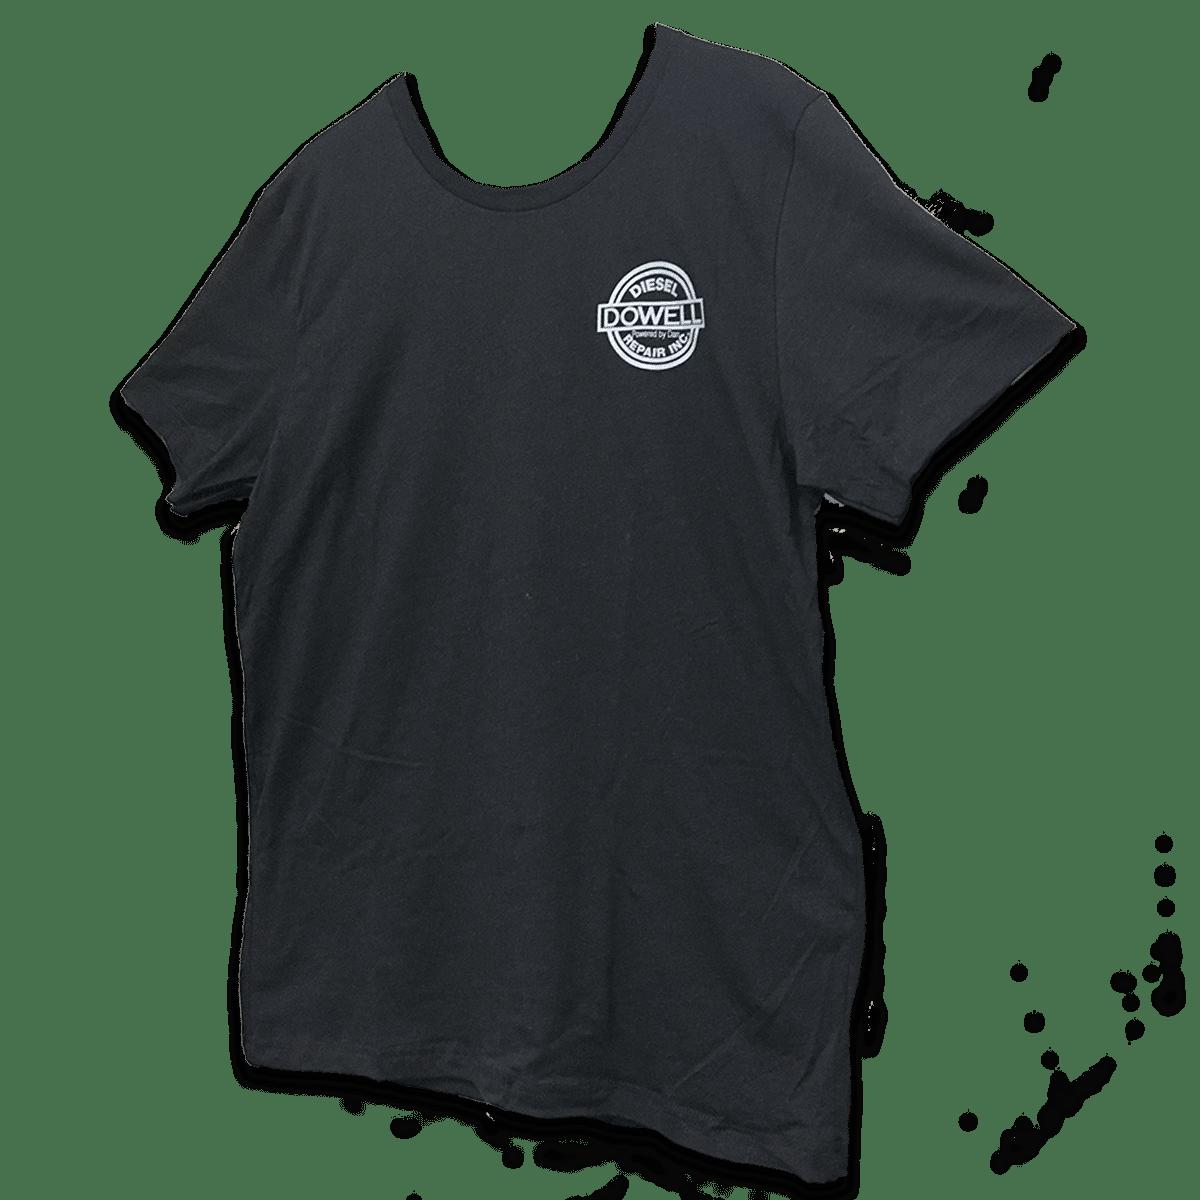 Dowell Apparel Tshirt